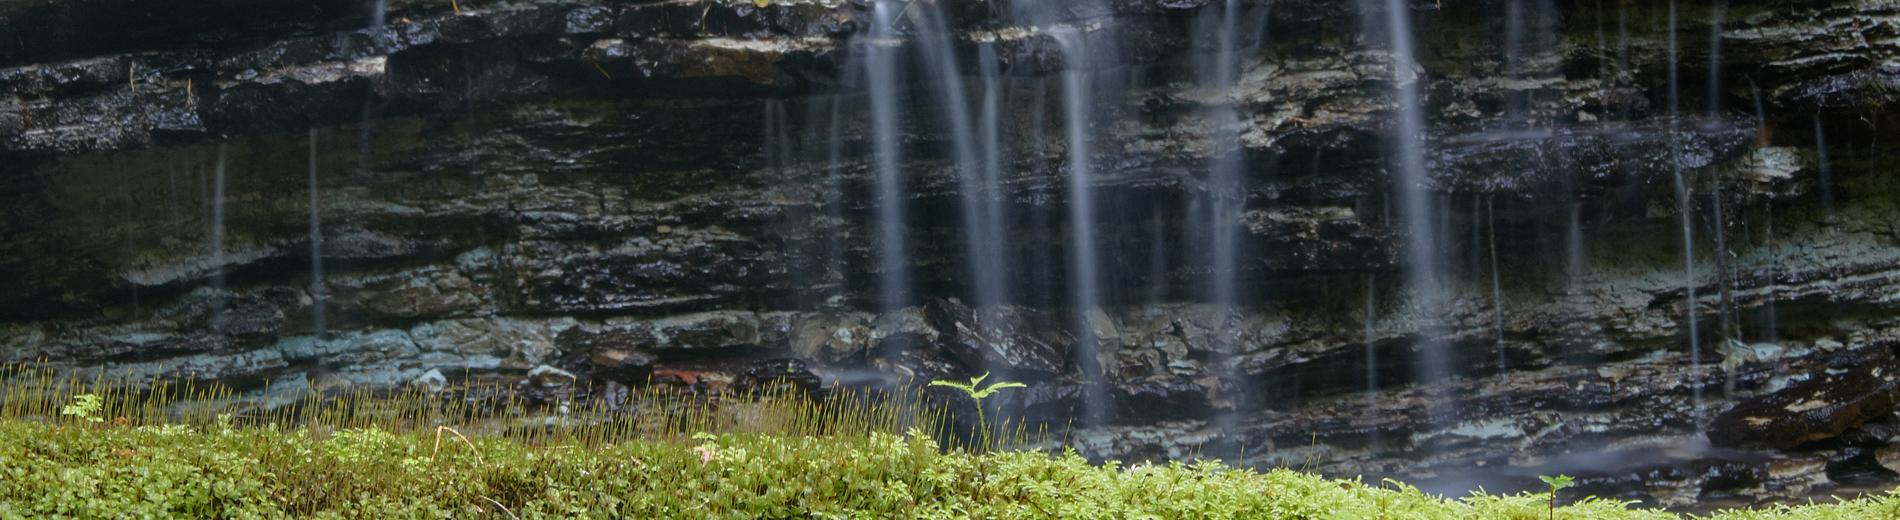 Türisalu waterfall